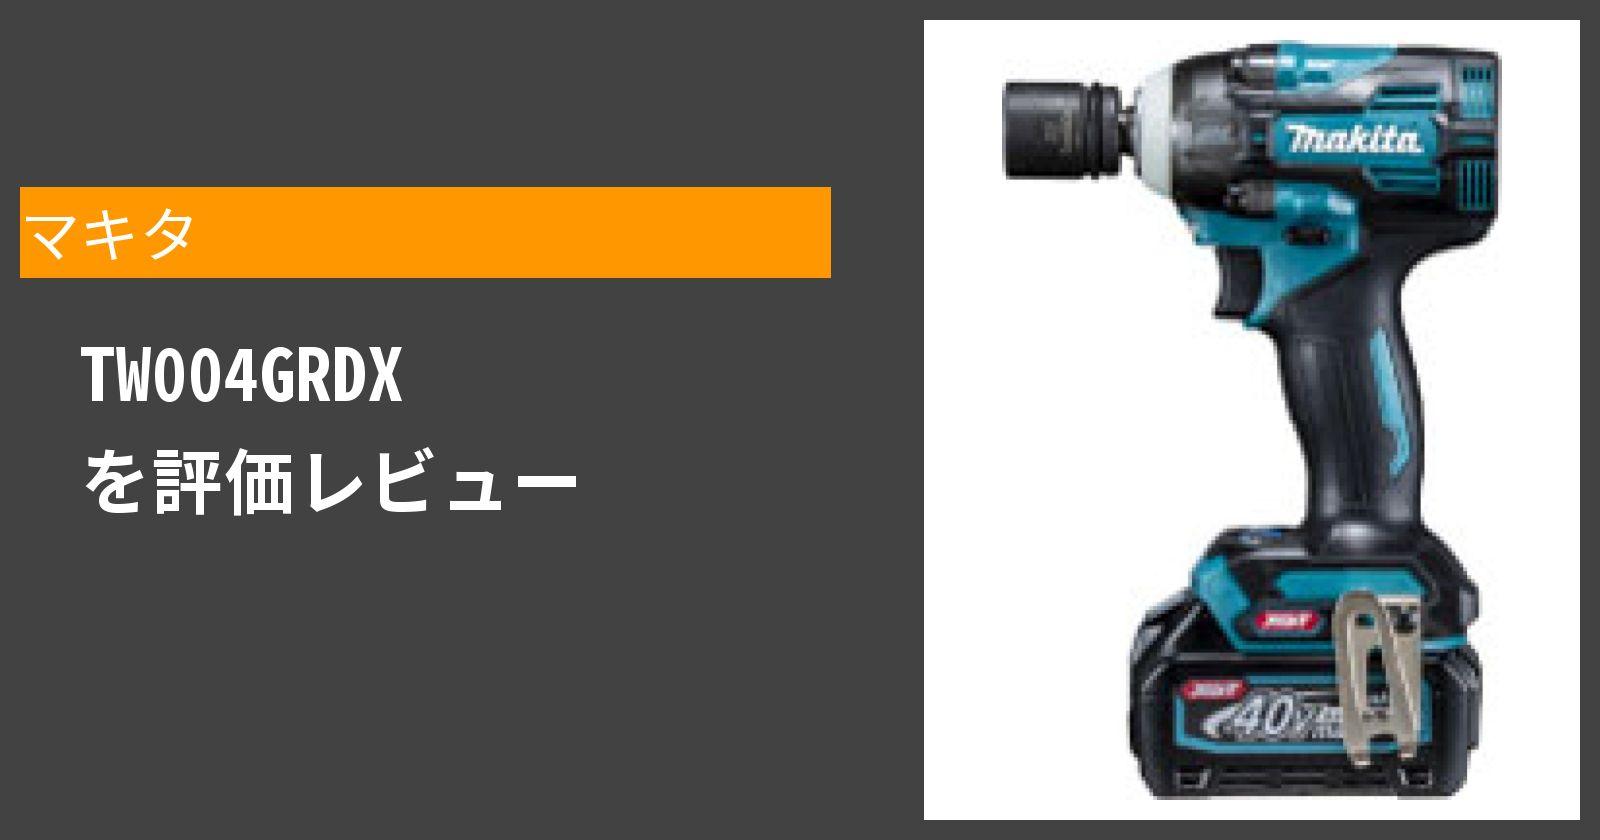 TW004GRDXを徹底評価